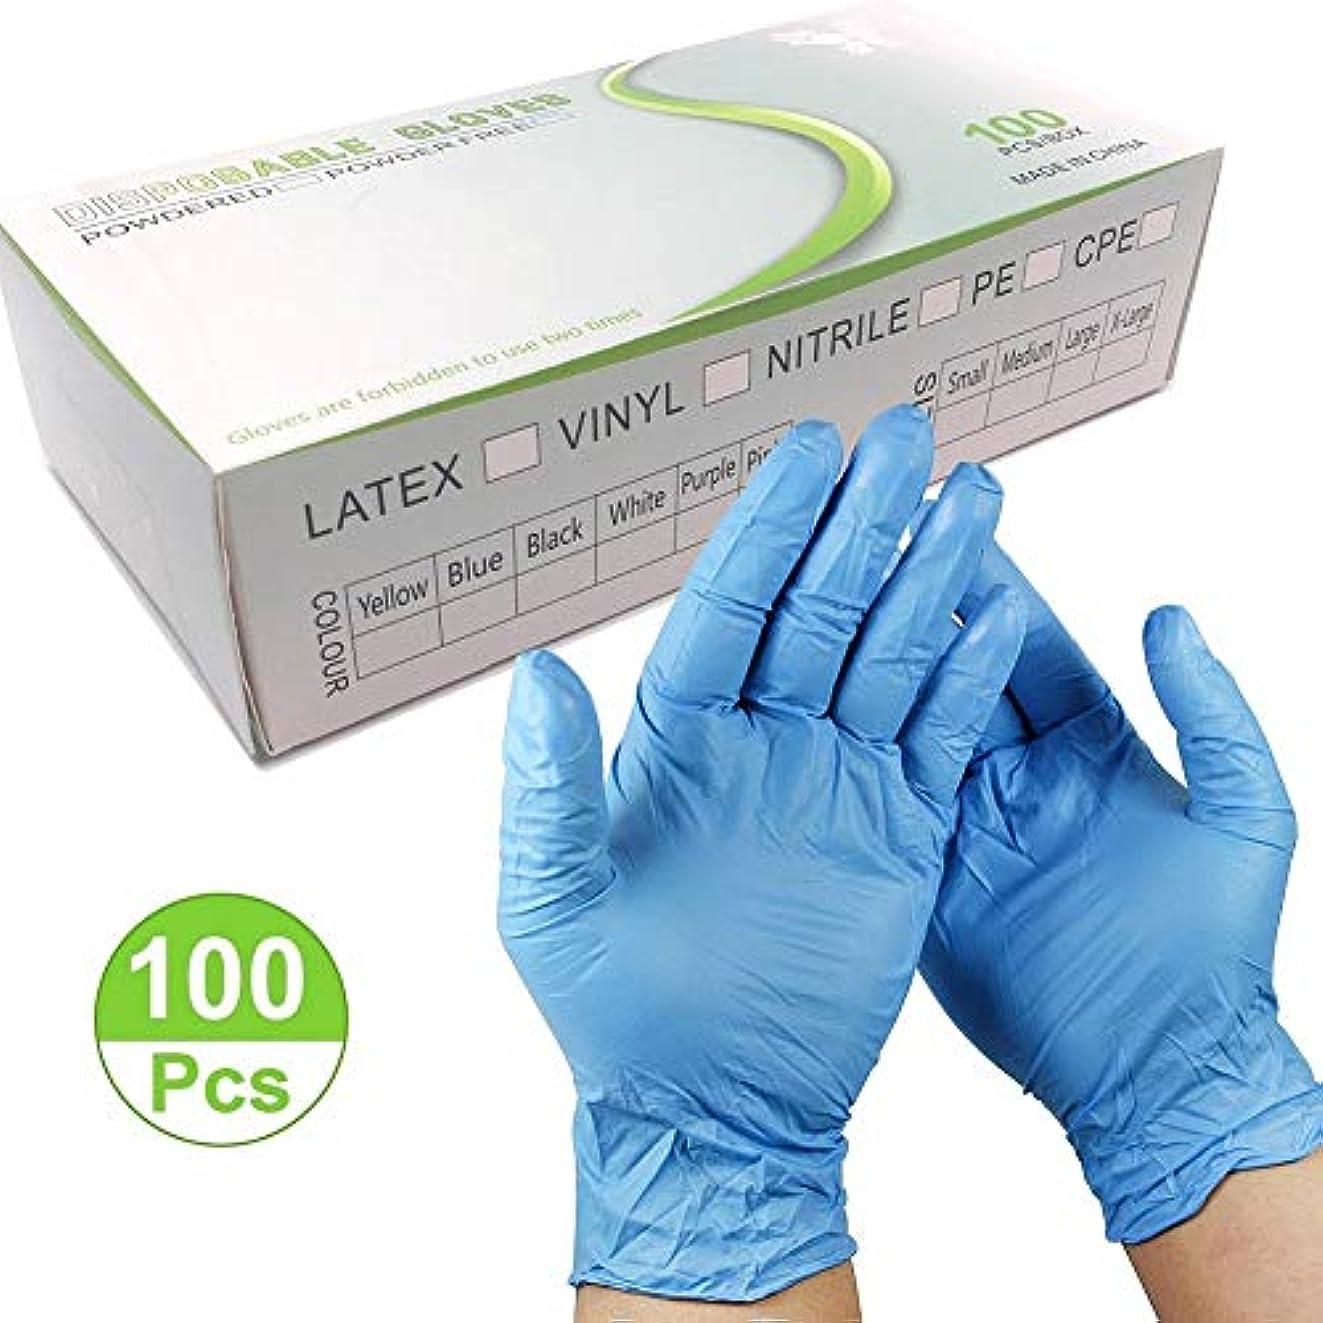 決めます流行している肥満子供用 ニトリル手袋 使い捨て手袋 子供用 皮膚アレルギーや刺激を防ぎます クラフト、塗装、ガーデニング、料理、クリーニング (100枚、ブルー)